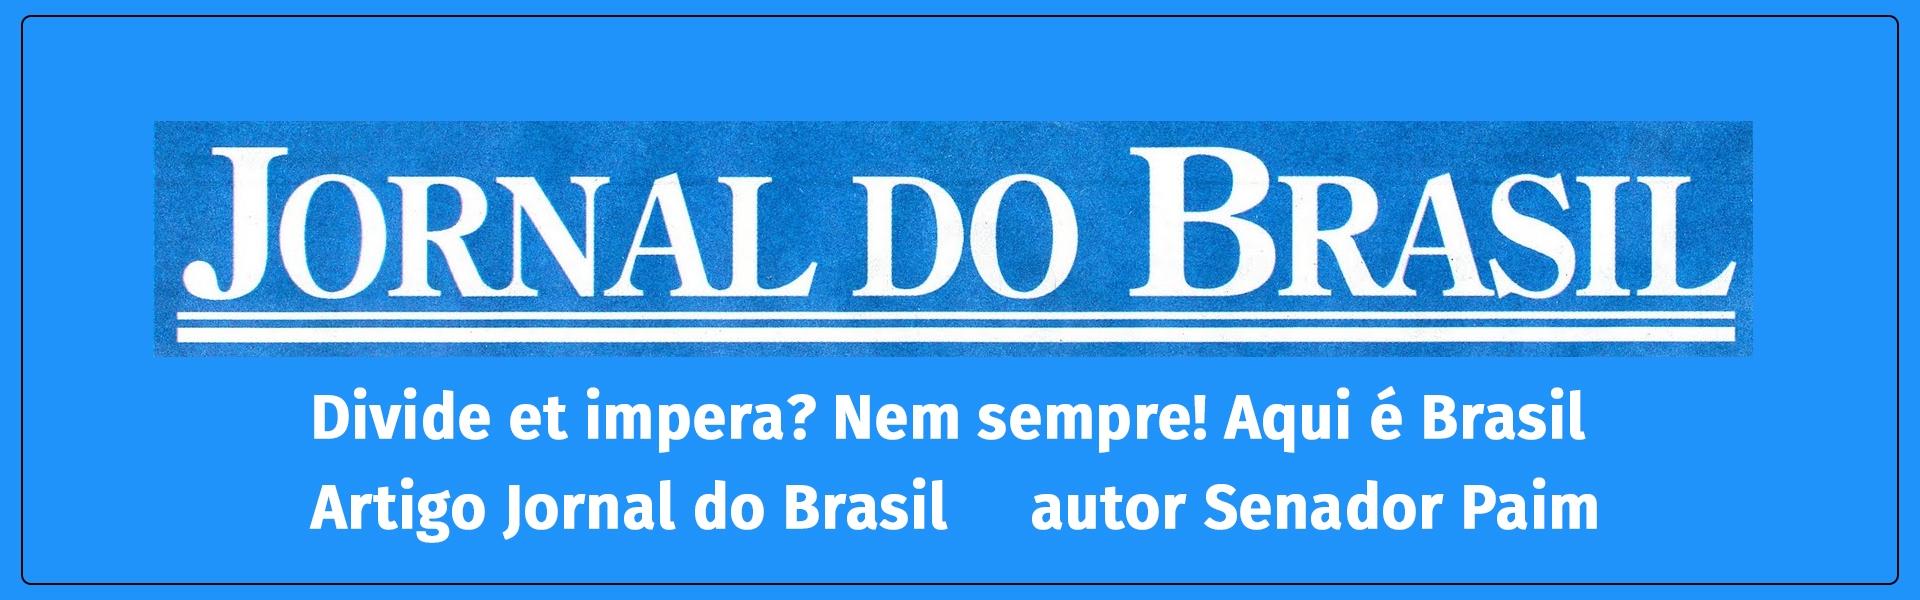 Divide et impera? Nem sempre! Aqui é Brasil - Artigo Jornal do Brasil